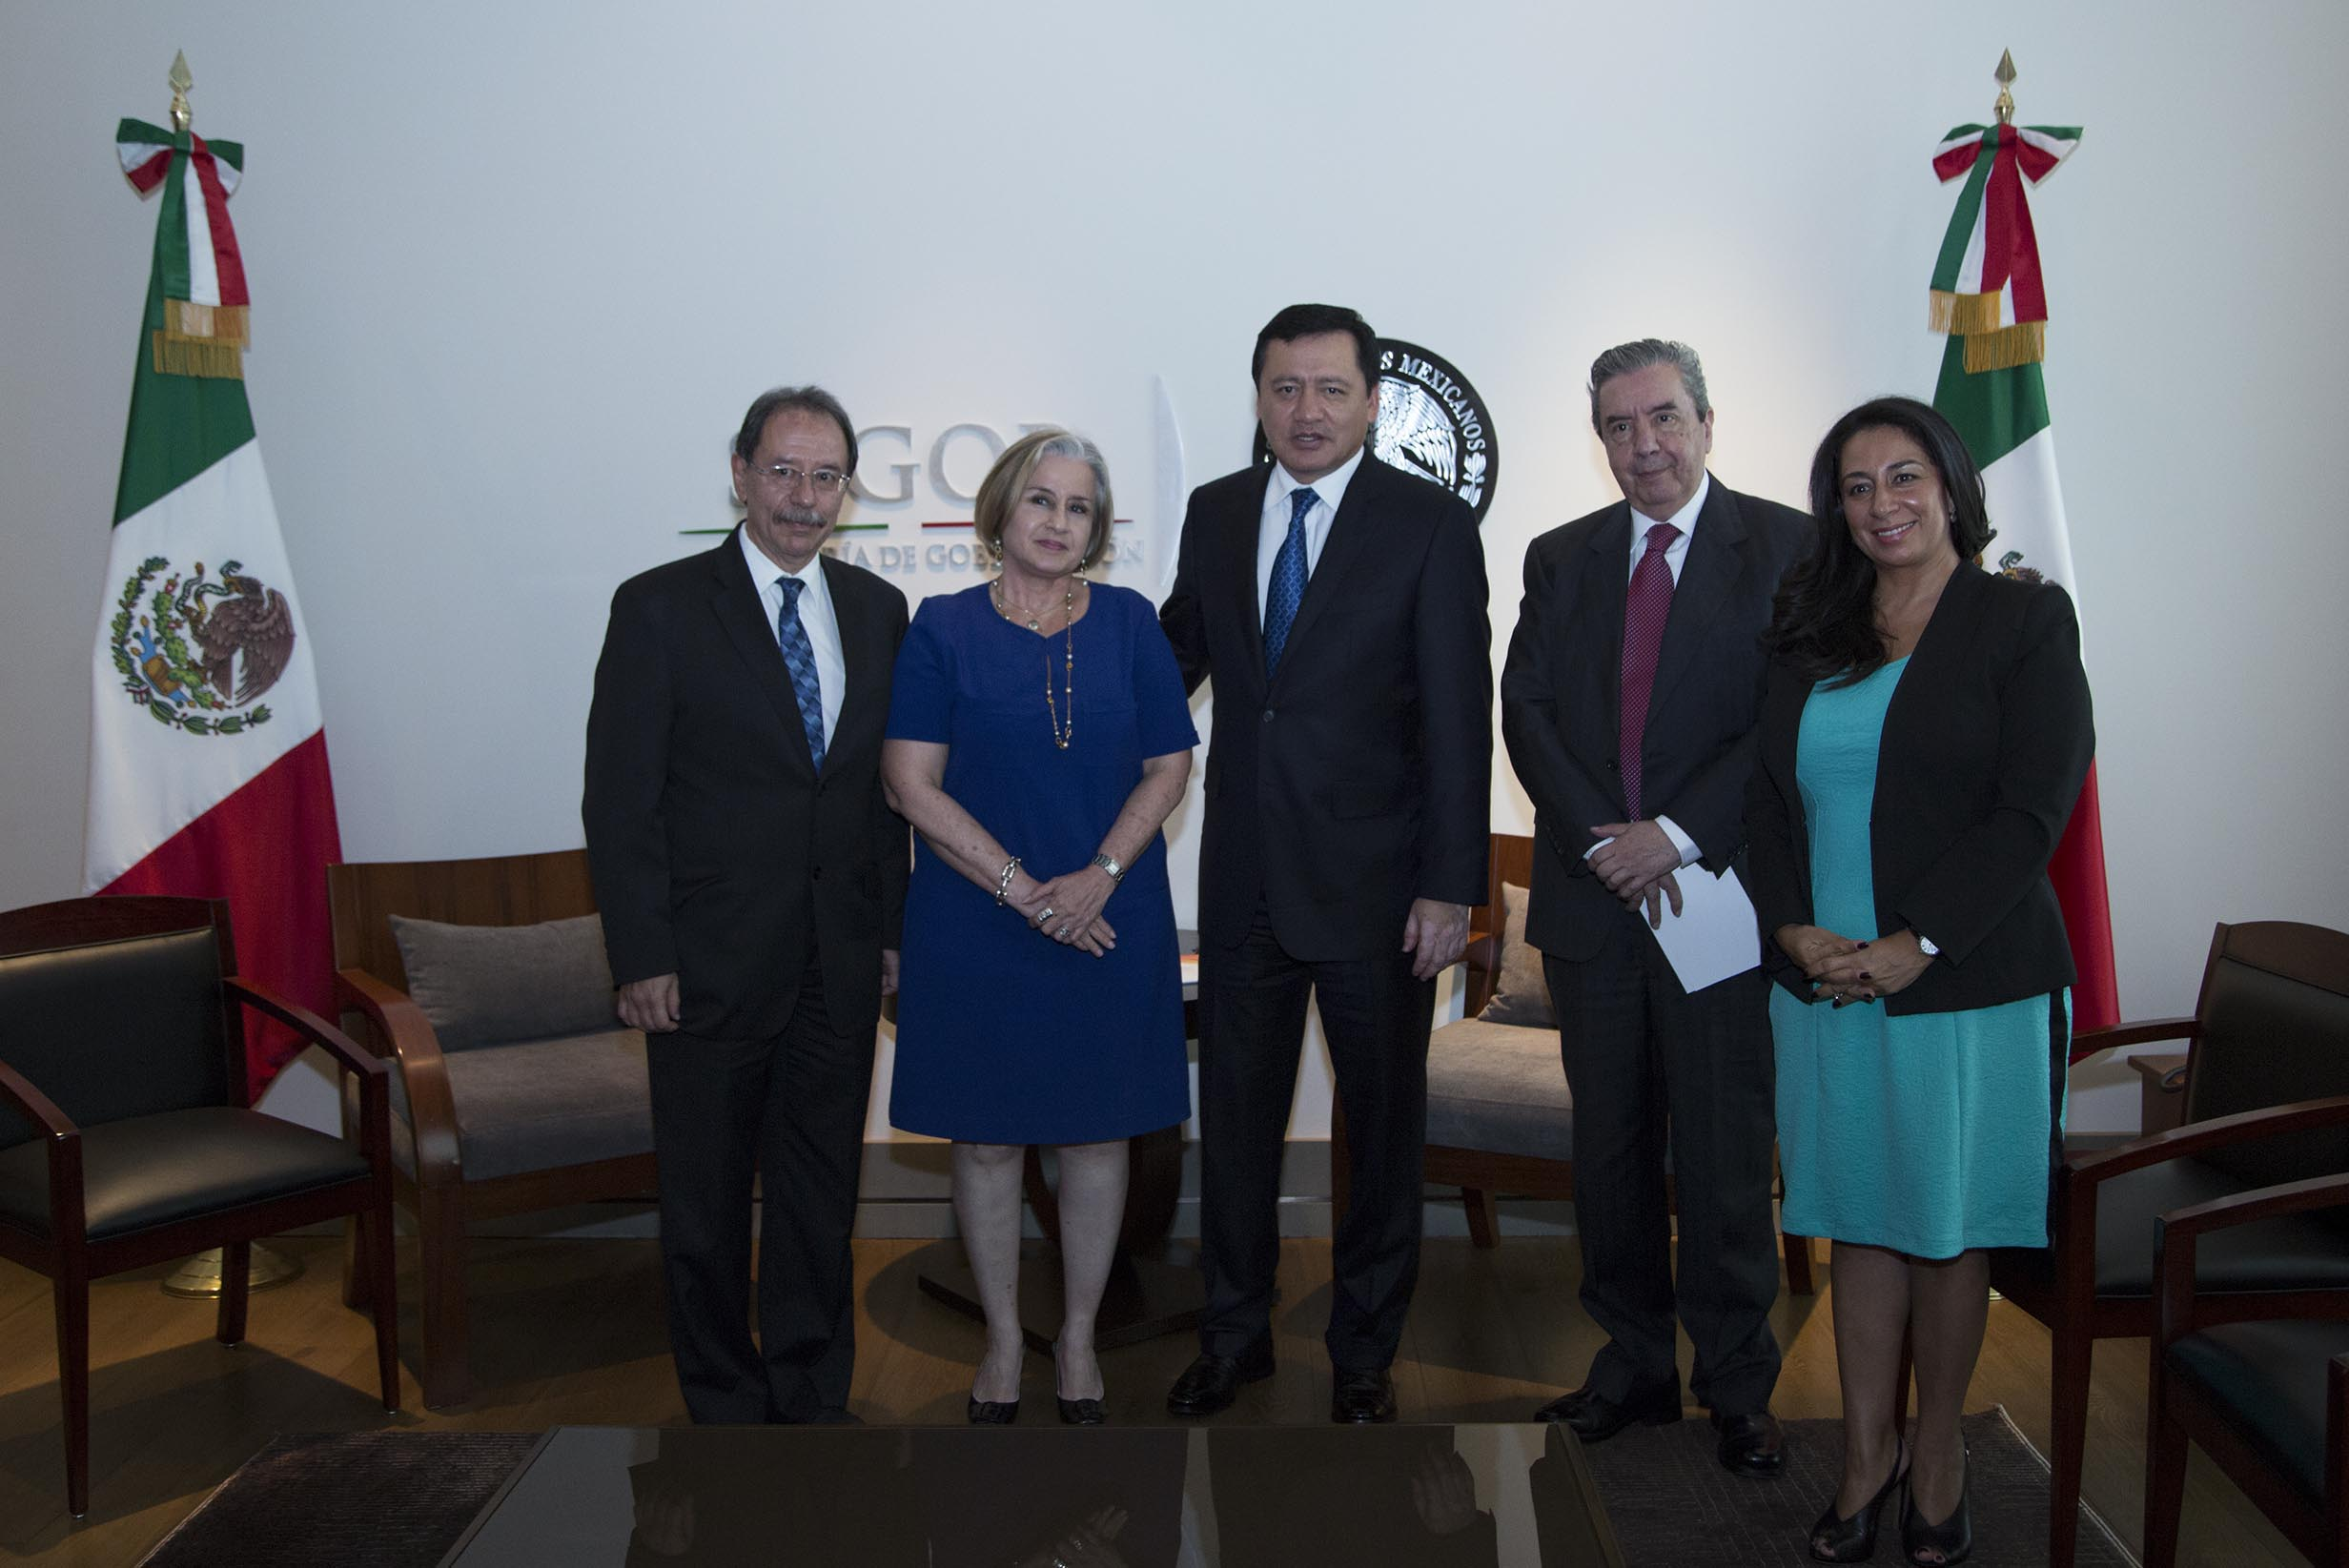 El Secretario de Gobernación, Miguel Ángel Osorio Chong, se reunió con la representante del Fondo de Población de las Naciones Unidas en México, Leonor Calderón.